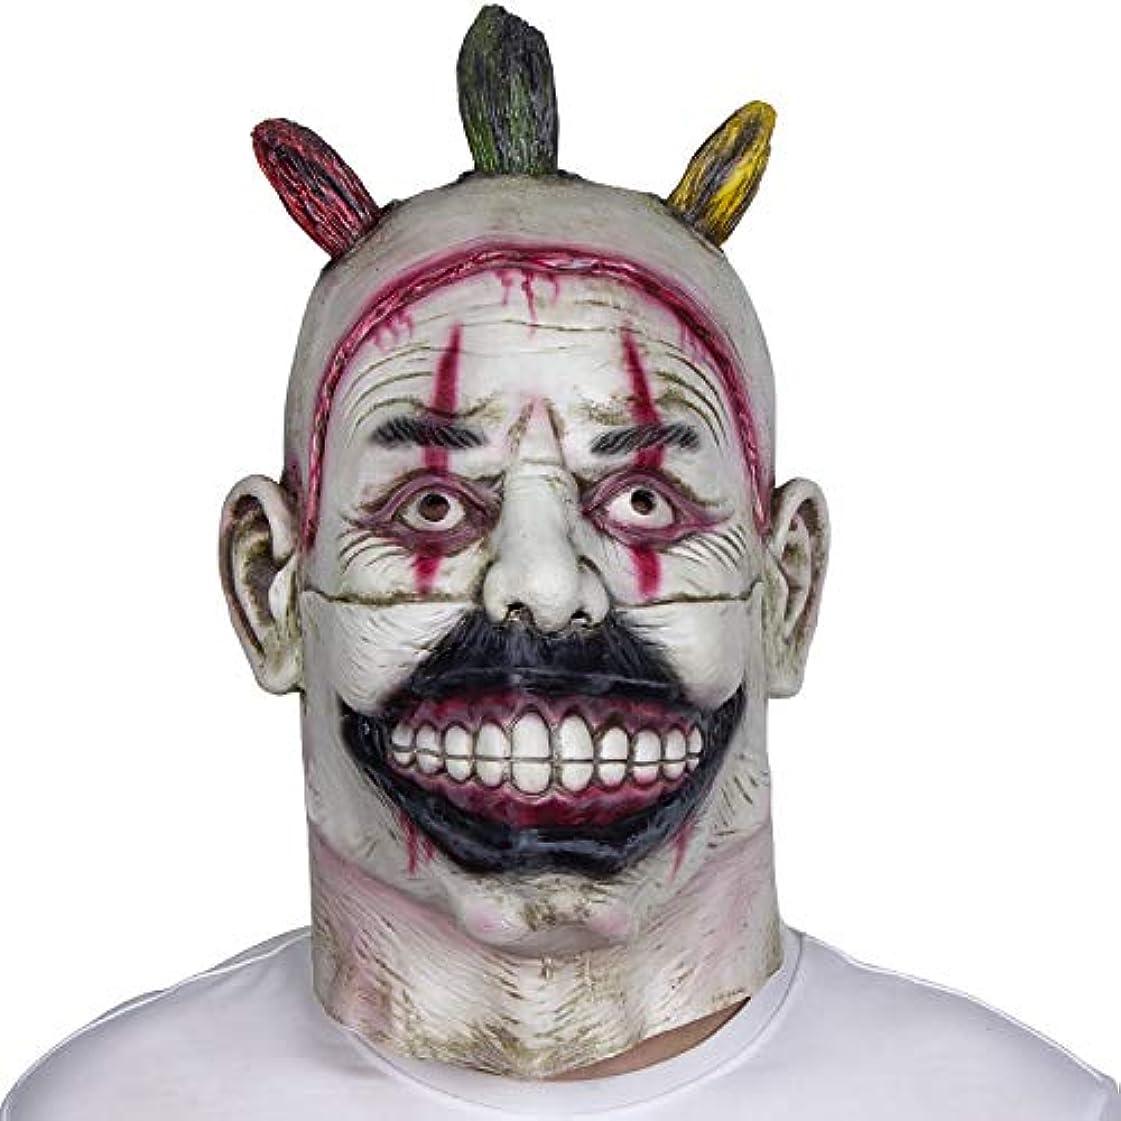 東小人寄稿者ゴーストマスクコスハロウィーンラテックス帽子怖いピエロマスク